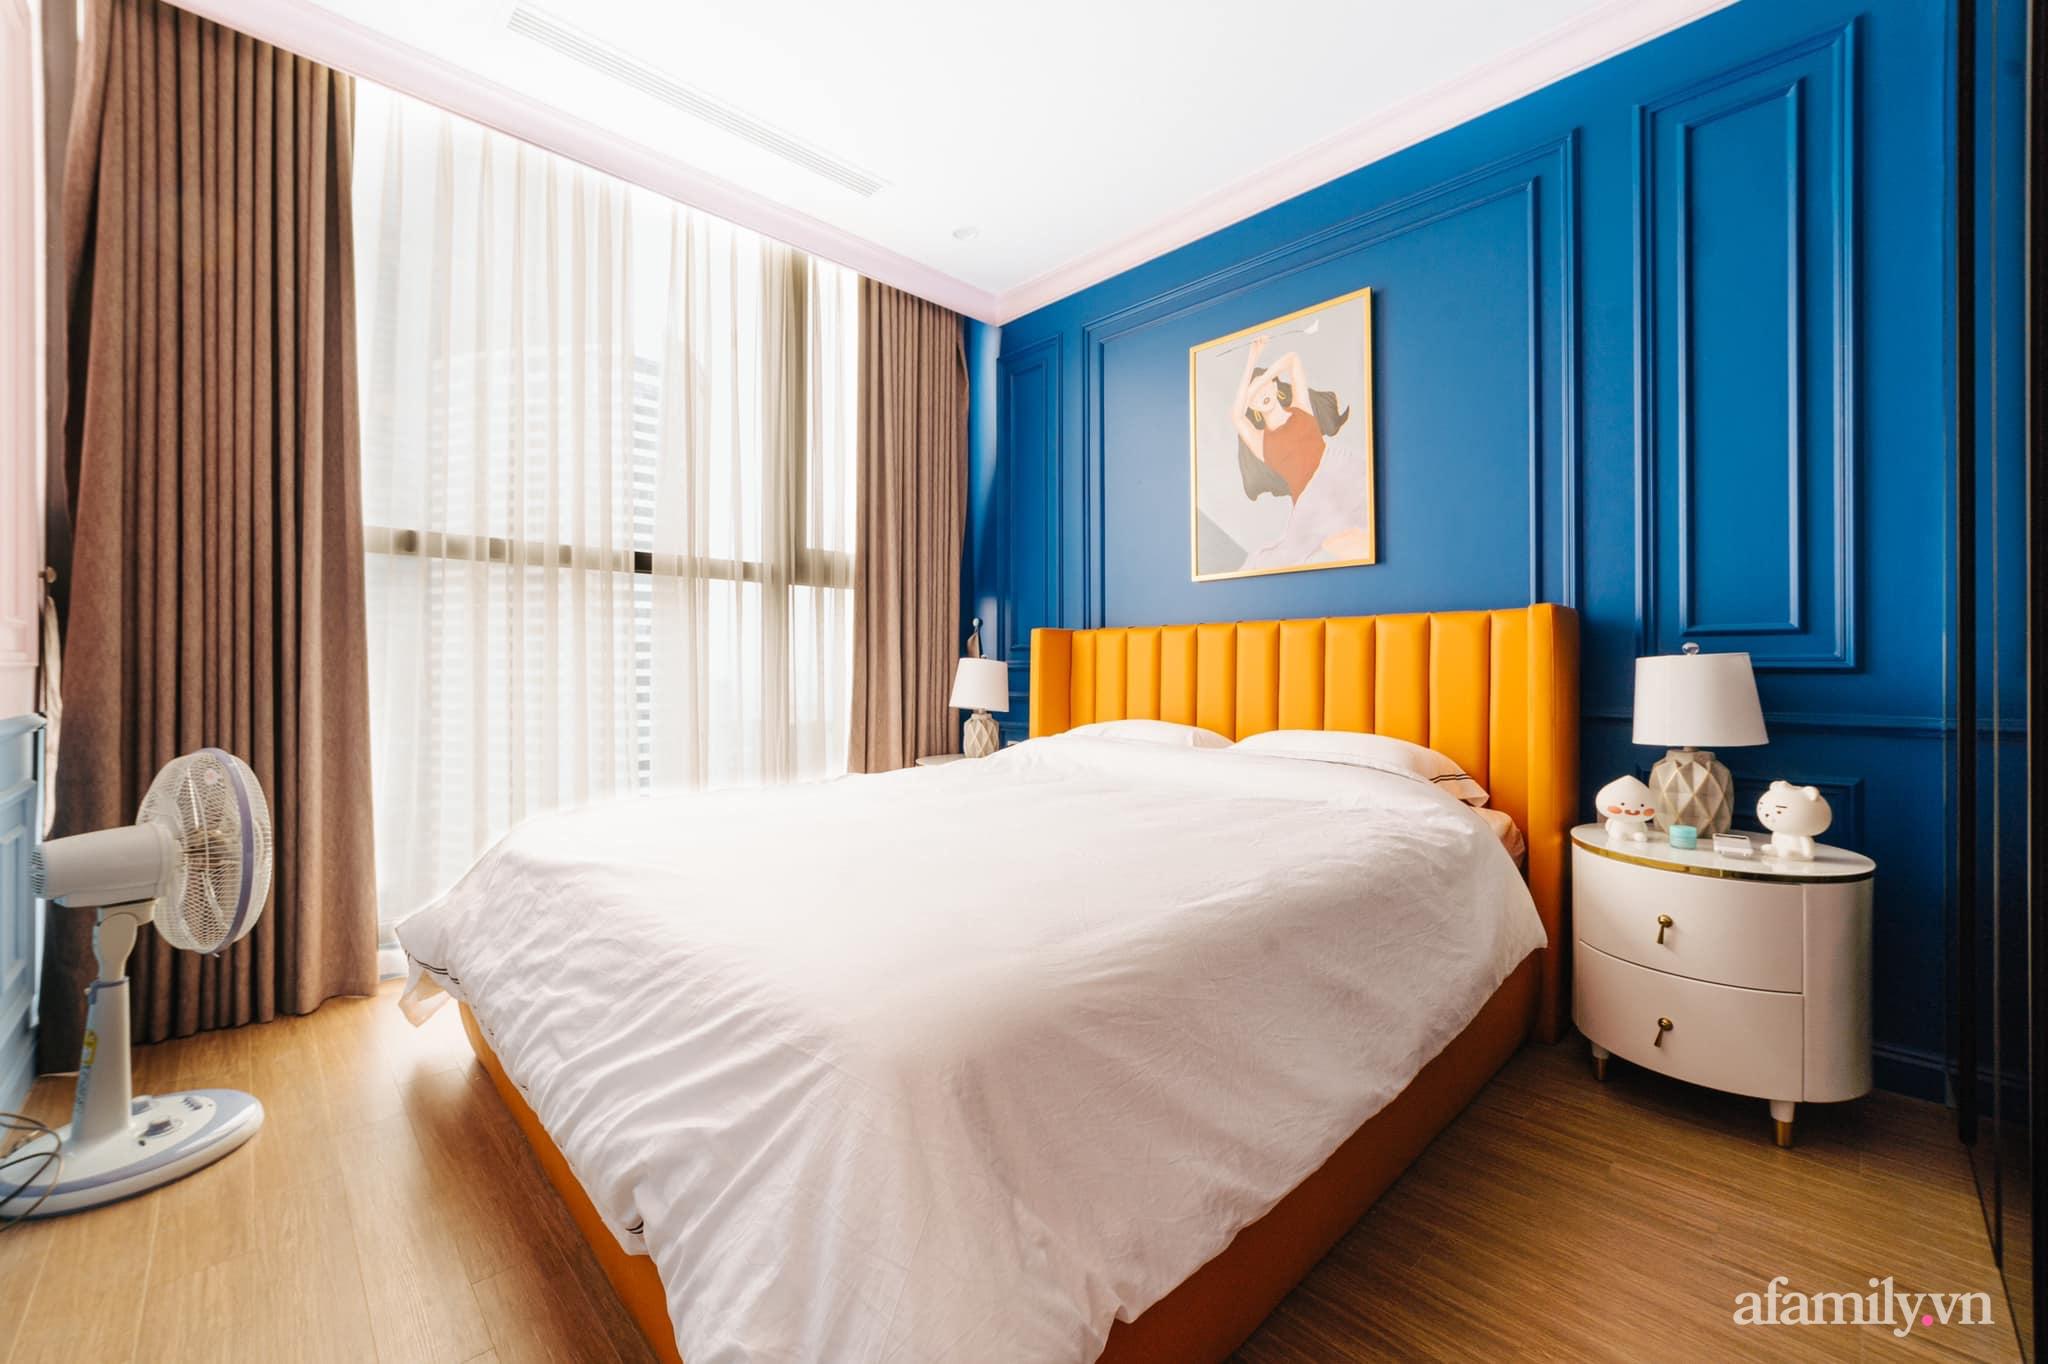 Căn hộ 45m² đẹp không góc chết với điểm nhấn màu xanh hồng cực chất có chi phí hoàn thiện 200 triệu đồng ở Hà Nội - Ảnh 13.